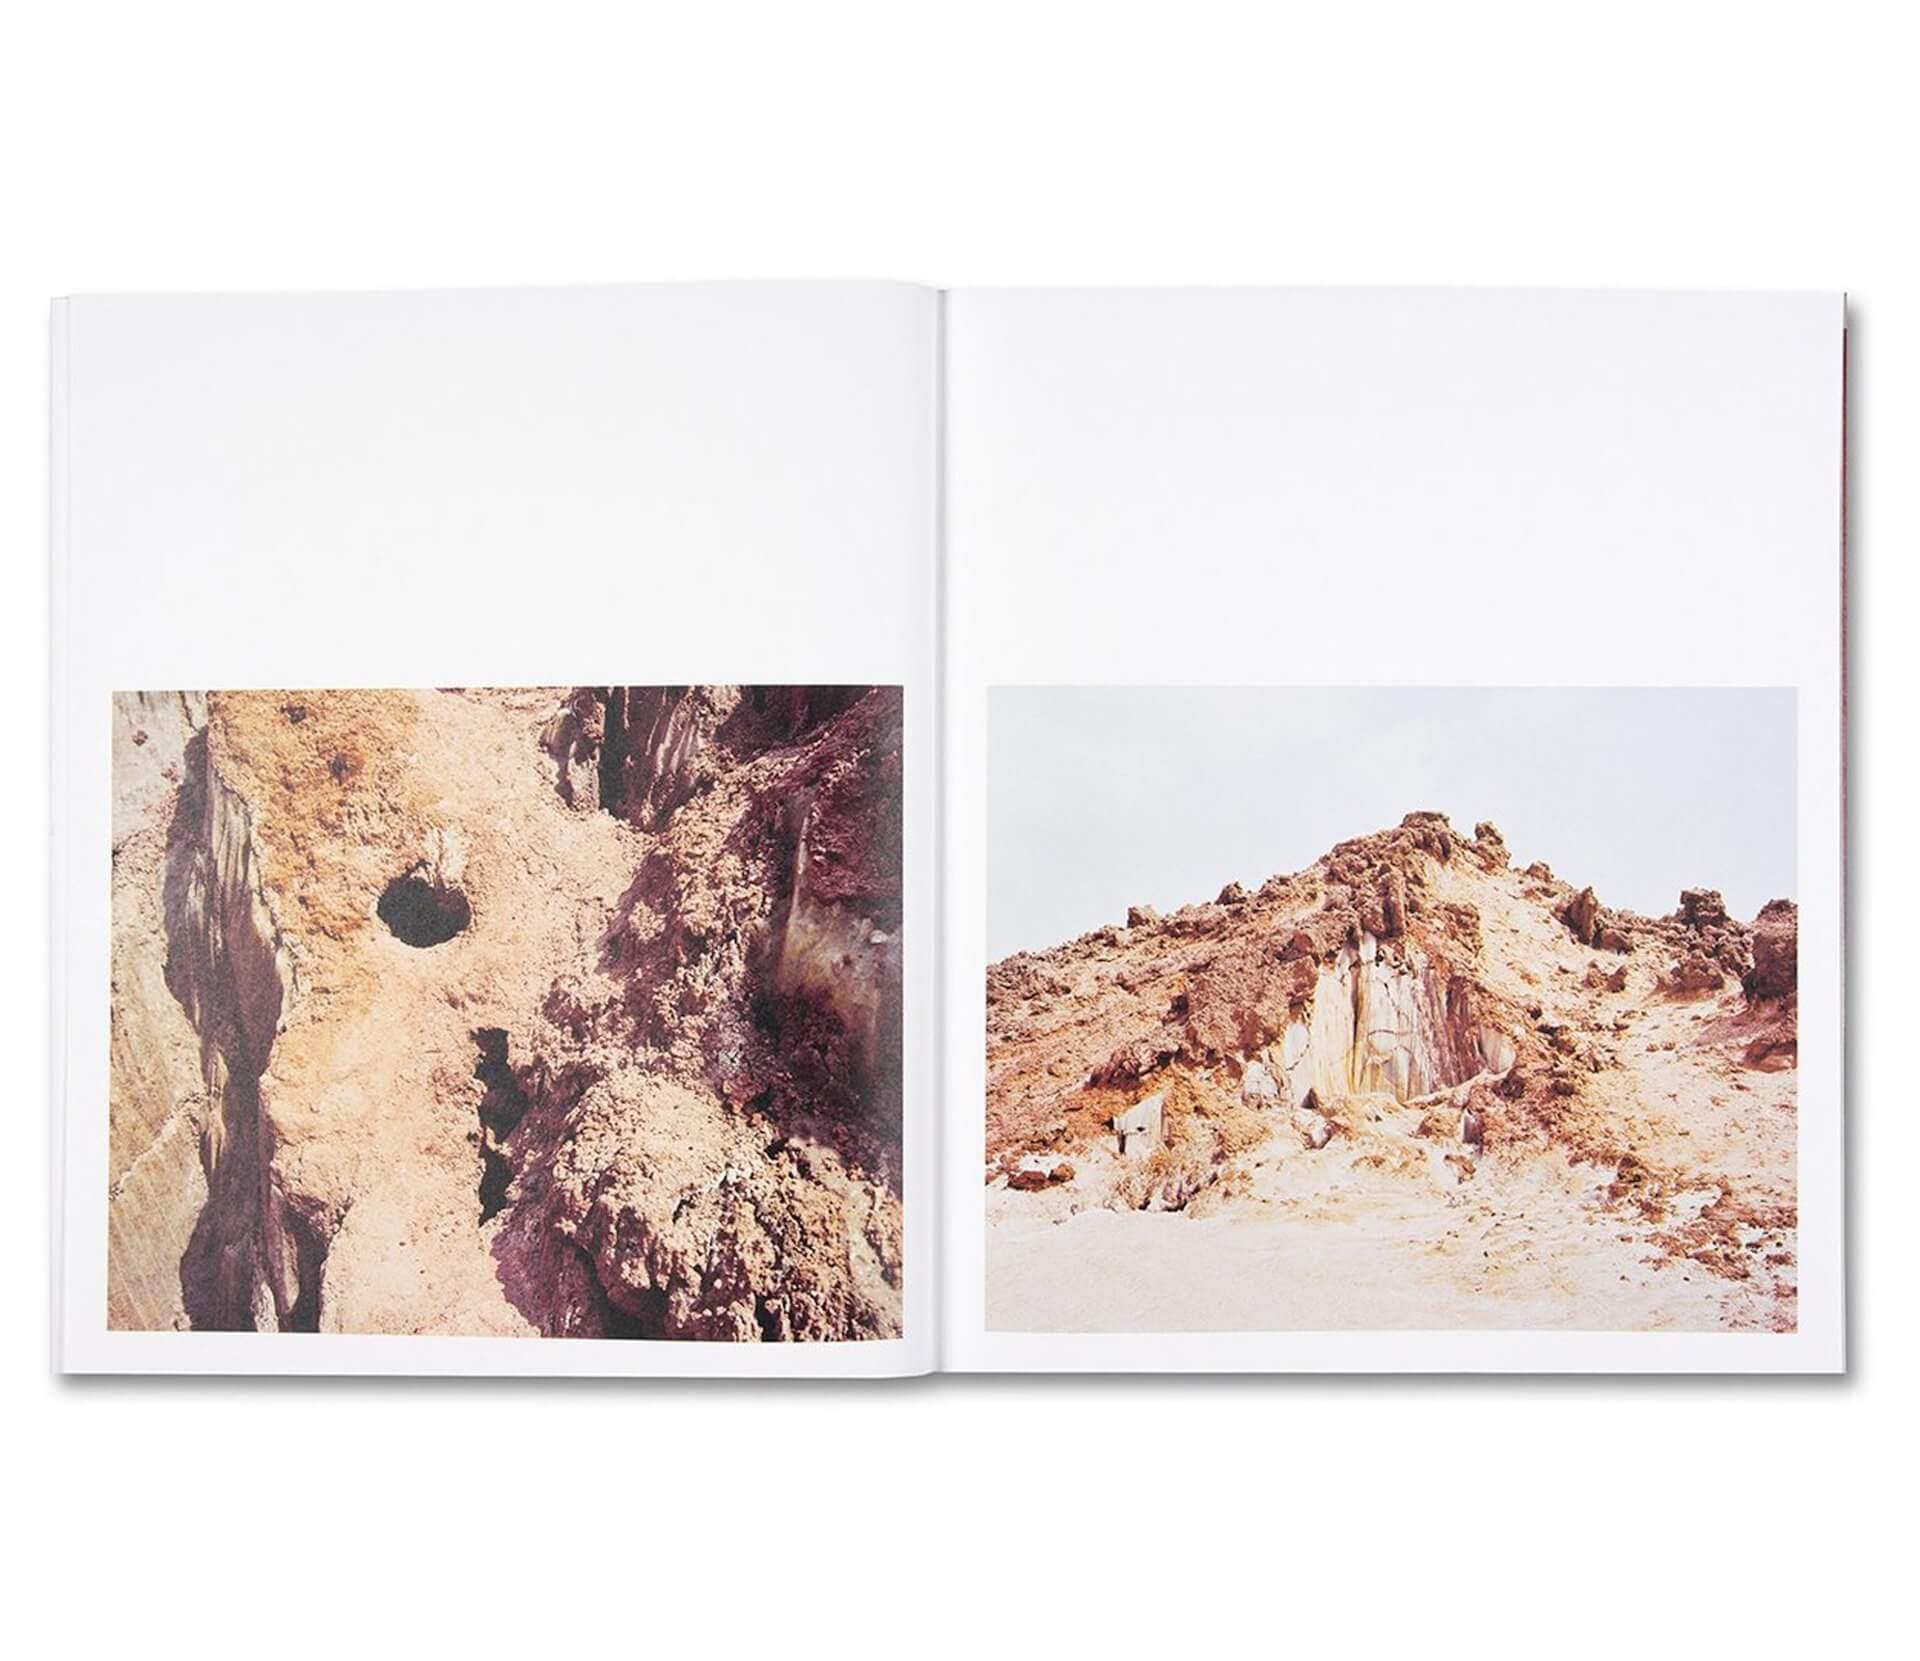 アートブックノススメ|Qetic編集部が選ぶ5冊/Roni Ahn 他 column210916_artbook-011